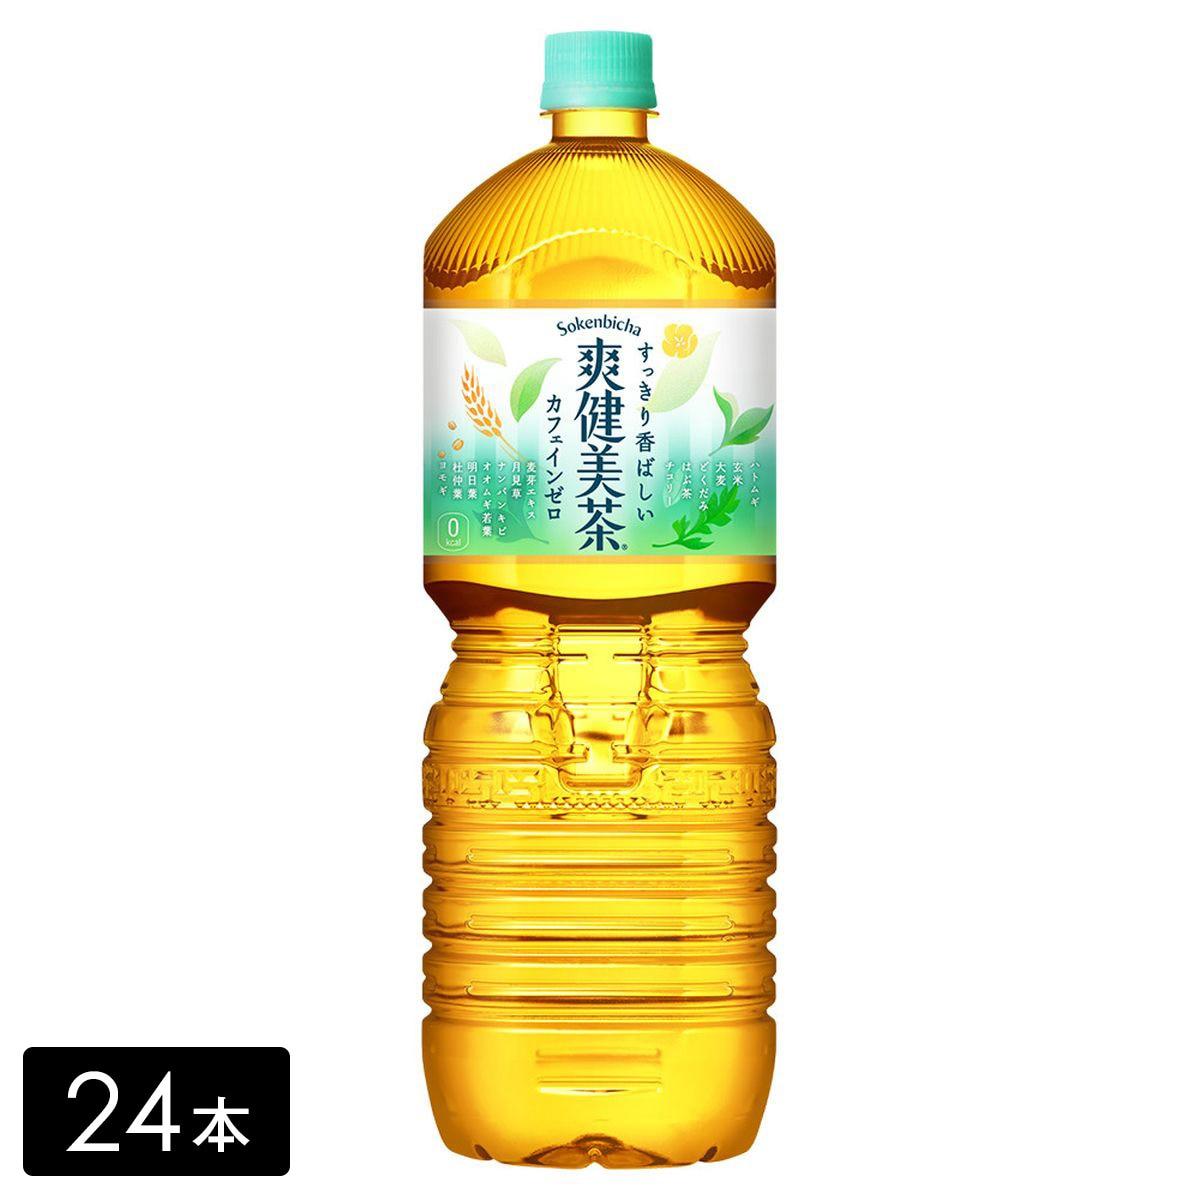 コカ・コーラボトラーズ 爽健美茶 2L×24本 51460